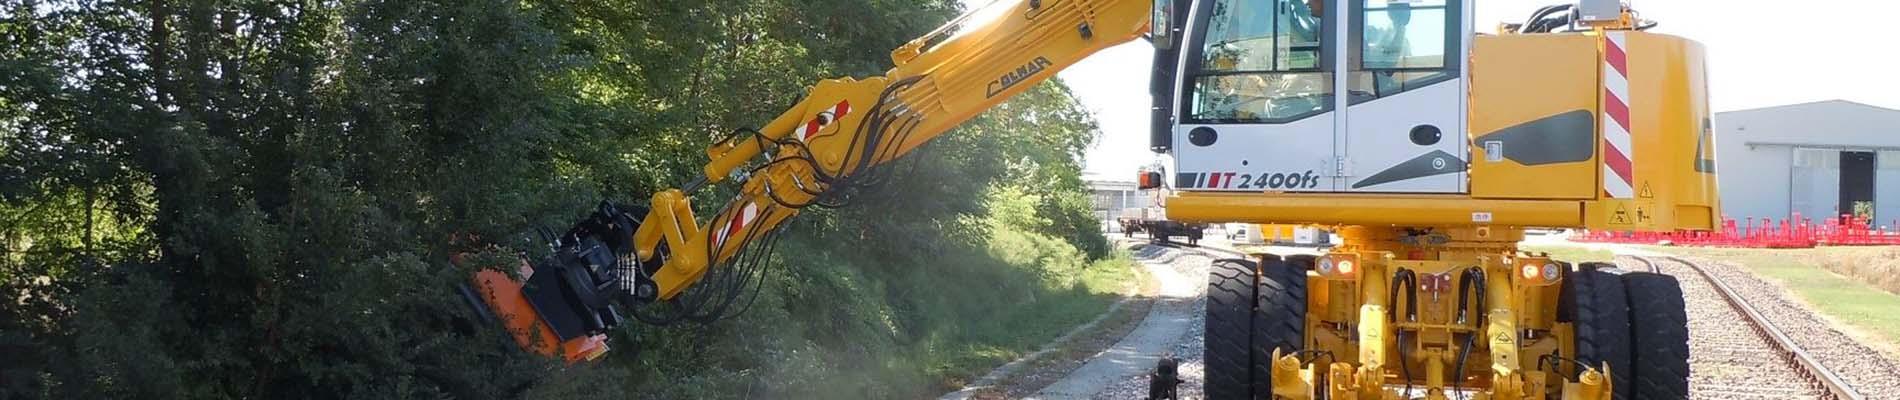 Colmar T2400fs road-rail excavator